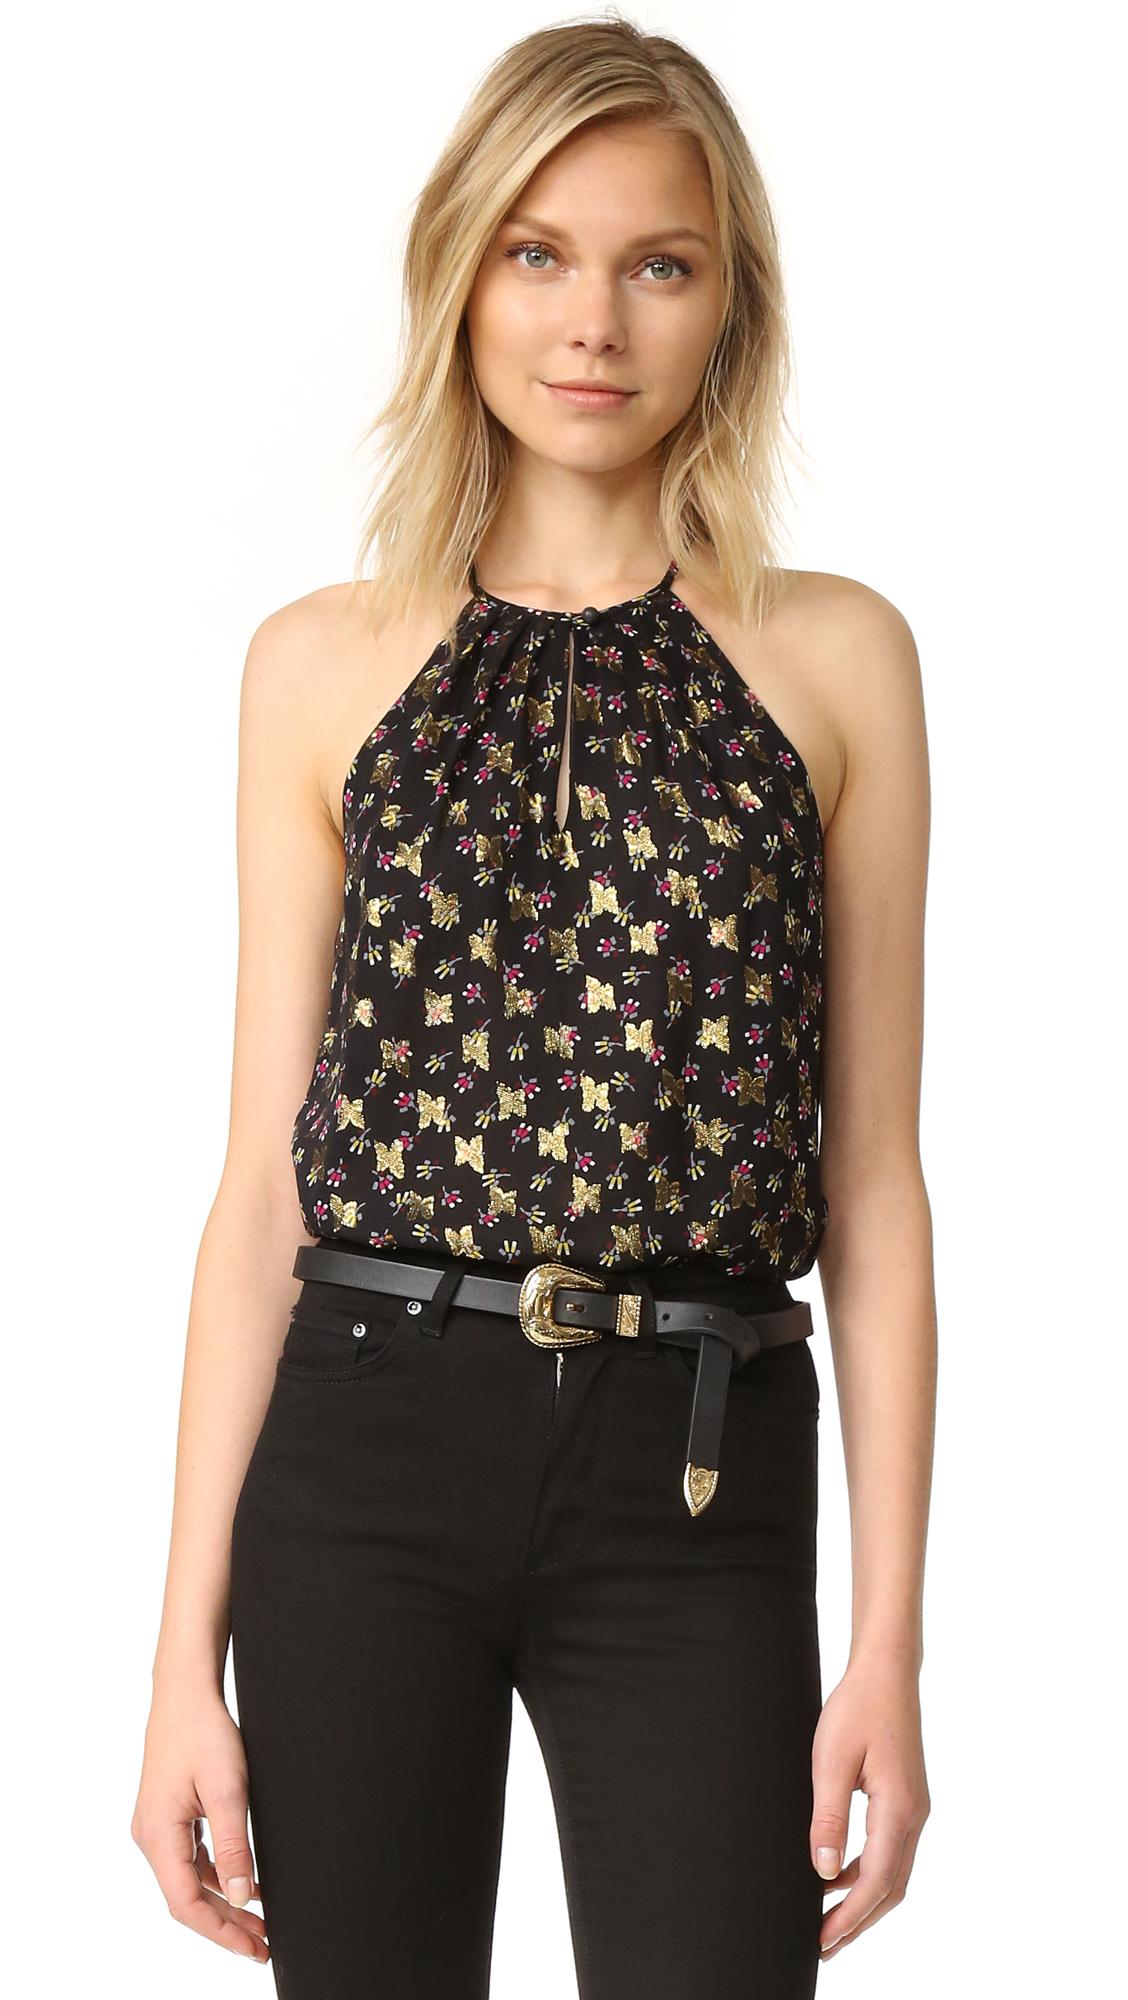 diane von furstenberg female diane von furstenberg jovia blouse tendu black